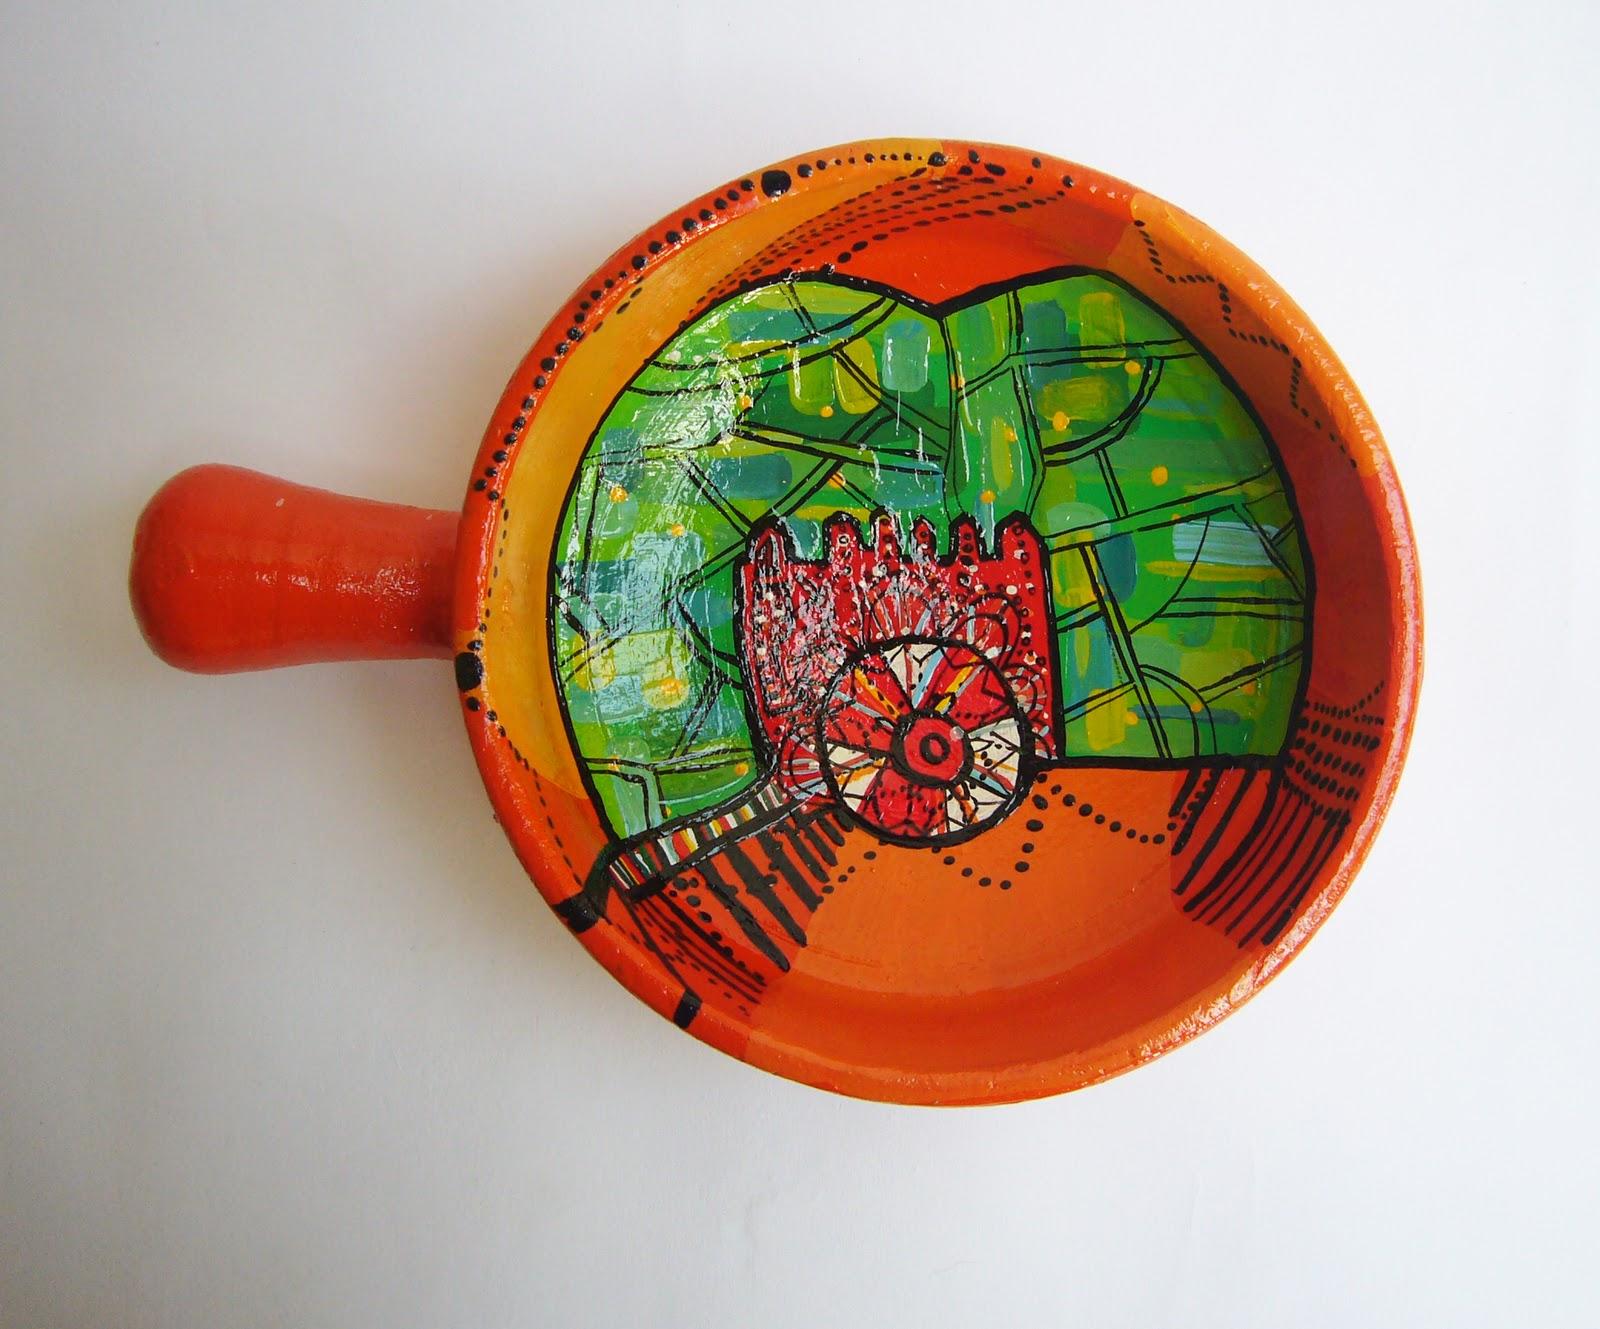 Tapir arts craft sartenes de cer mica decoraci n - Ceramica decoracion ...